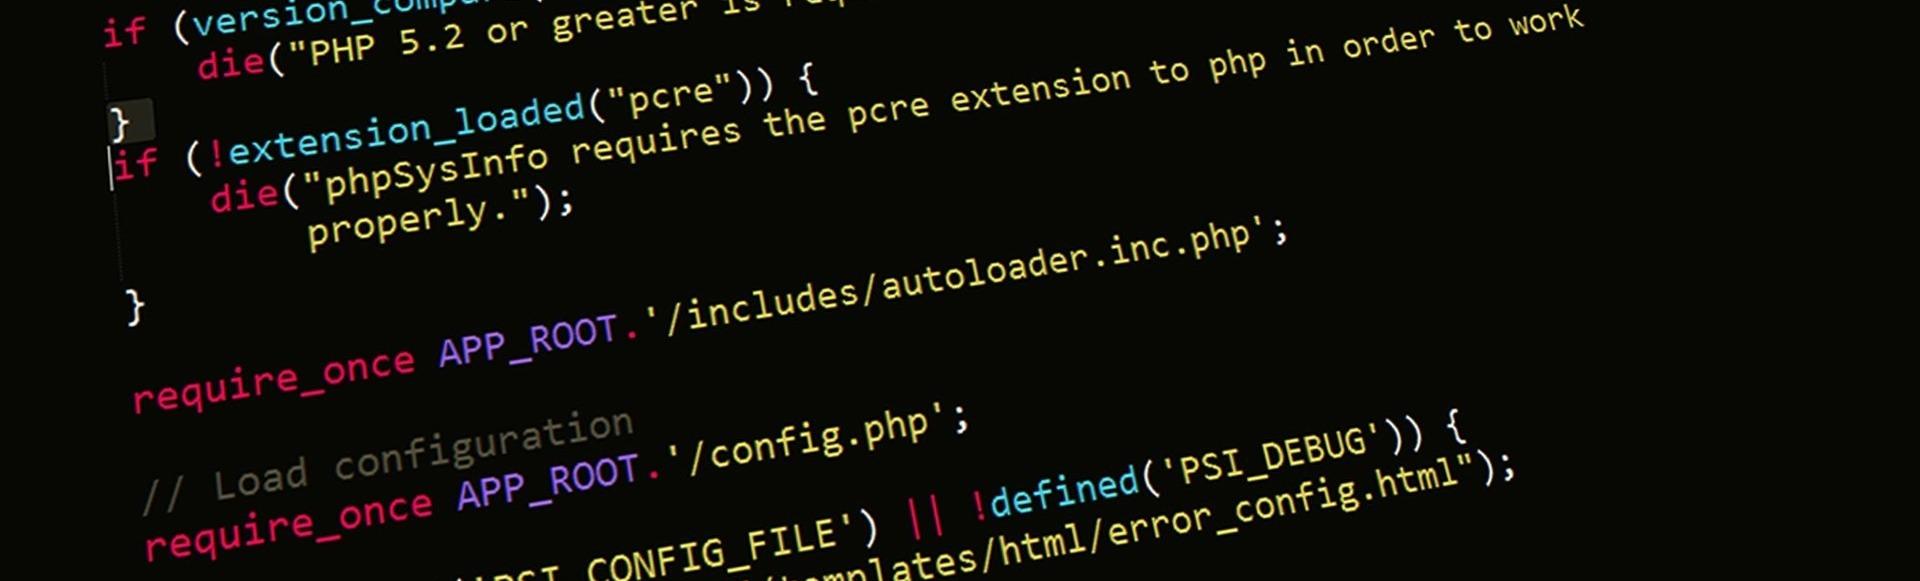 Desenvolvedor PHP/Geoespacial